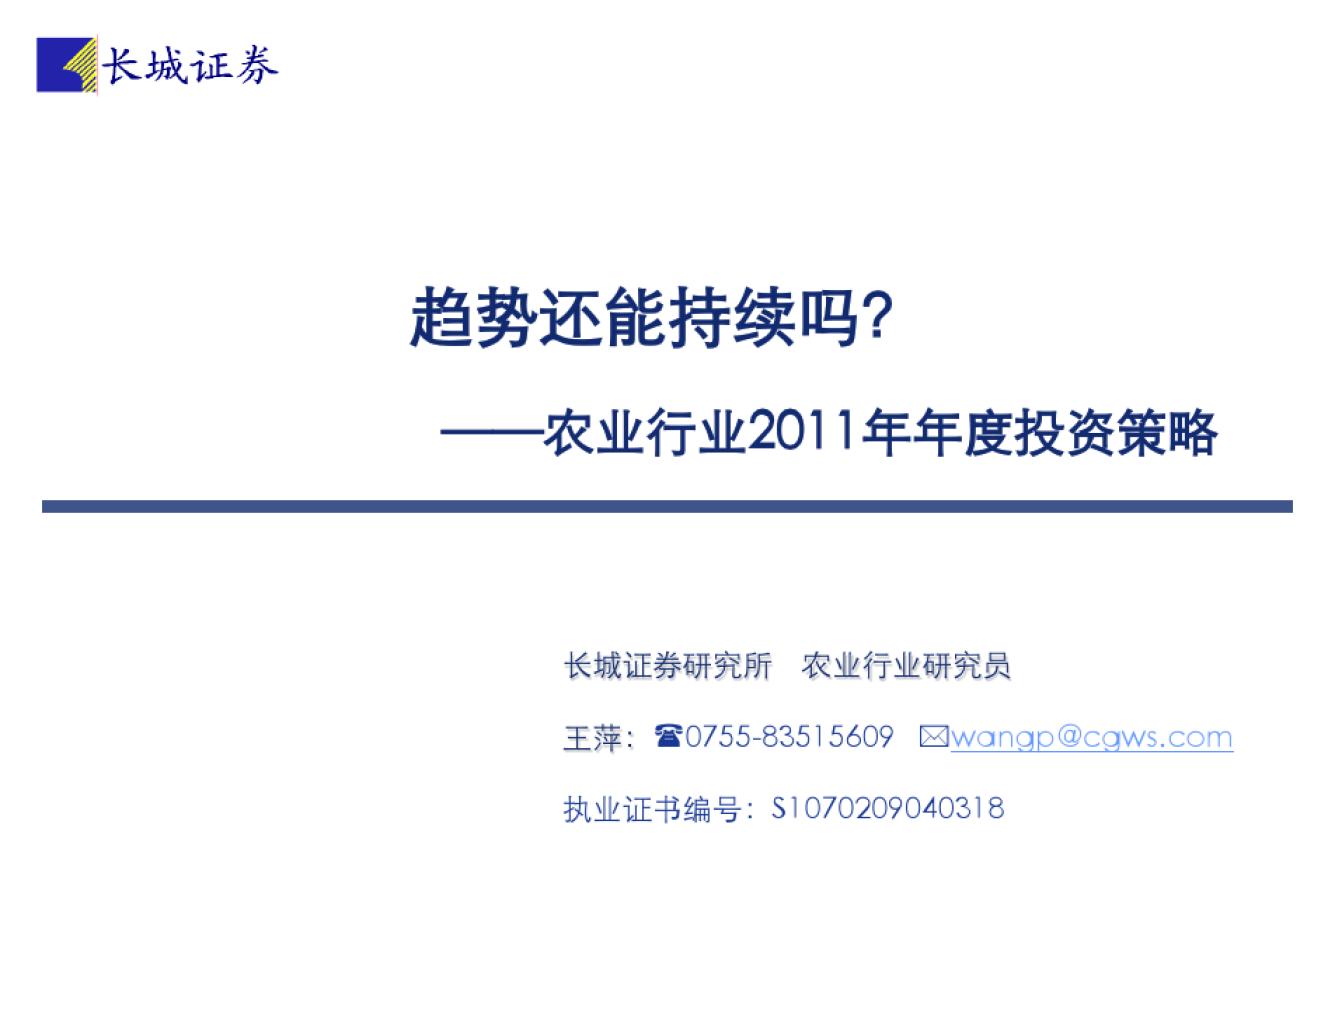 行业研究_长城证券_王萍_农业行业:2011年年度投资策略,趋势还能持续吗?_2010-11-19